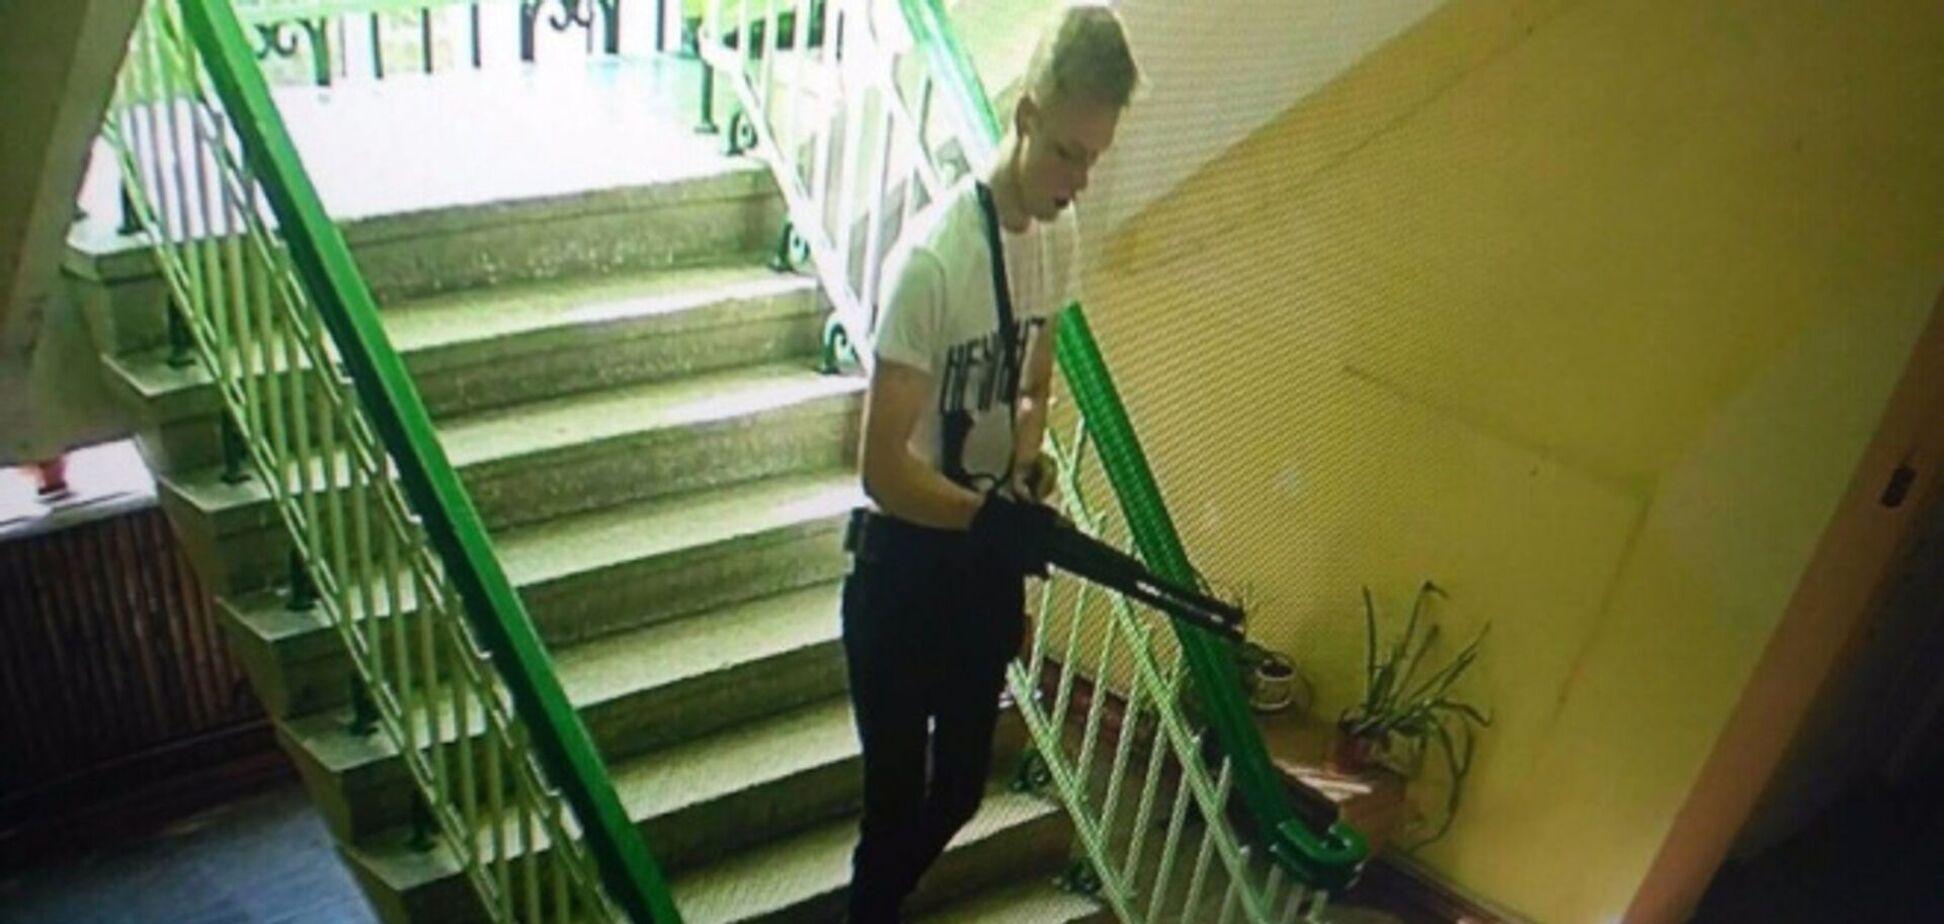 18-летний Владислав Росляков расстрелял студентов и сотрудников политехническом колледжа Керчи, а затем покончил с собой